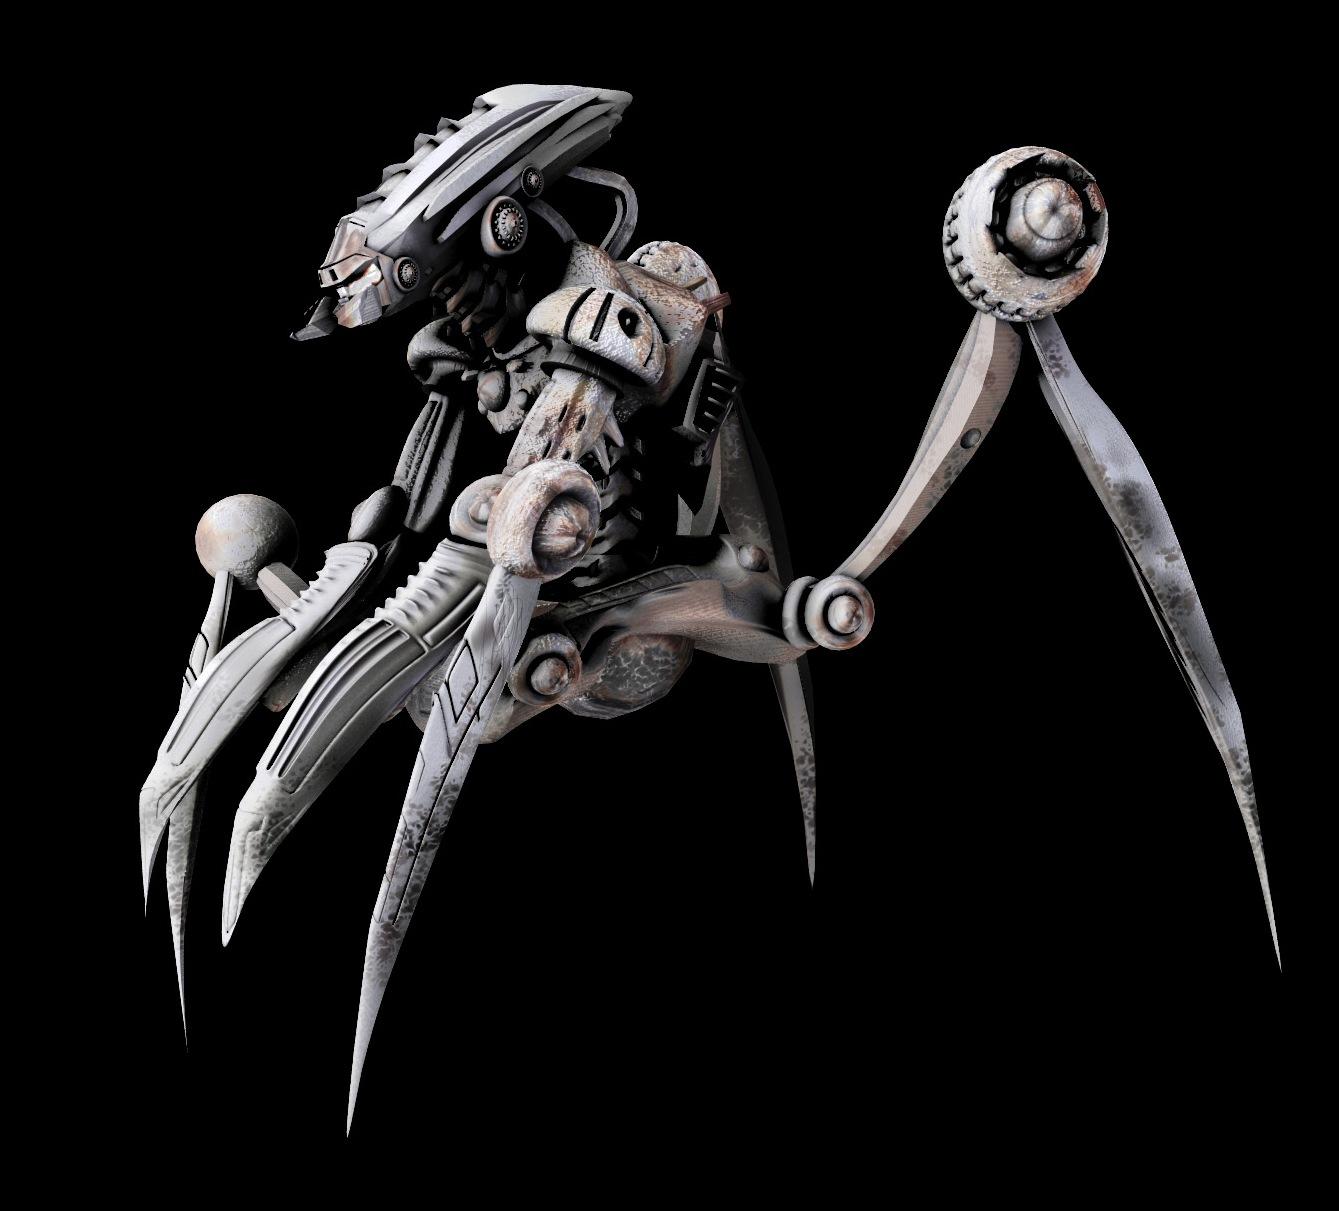 robots in alien